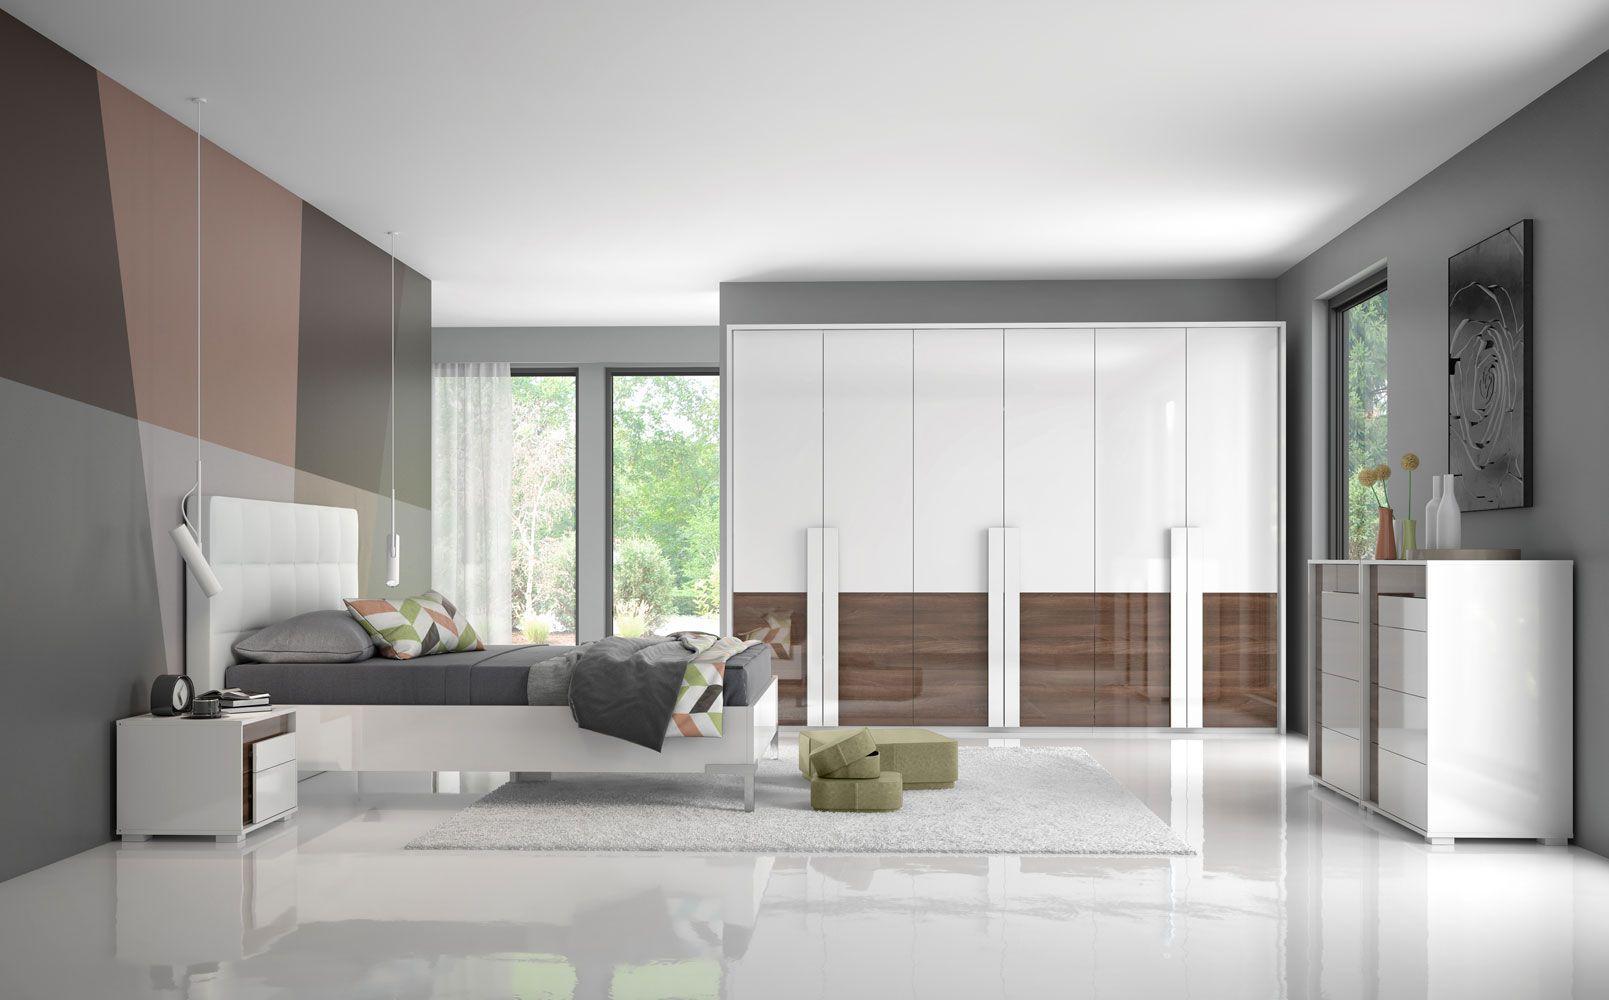 Schlafzimmer Komplett - Set B Afega, 9-teilig, Farbe: Weiß Hochglanz / Nuss Hochglanz inkl. LED-Rahmen für Kleiderschrank